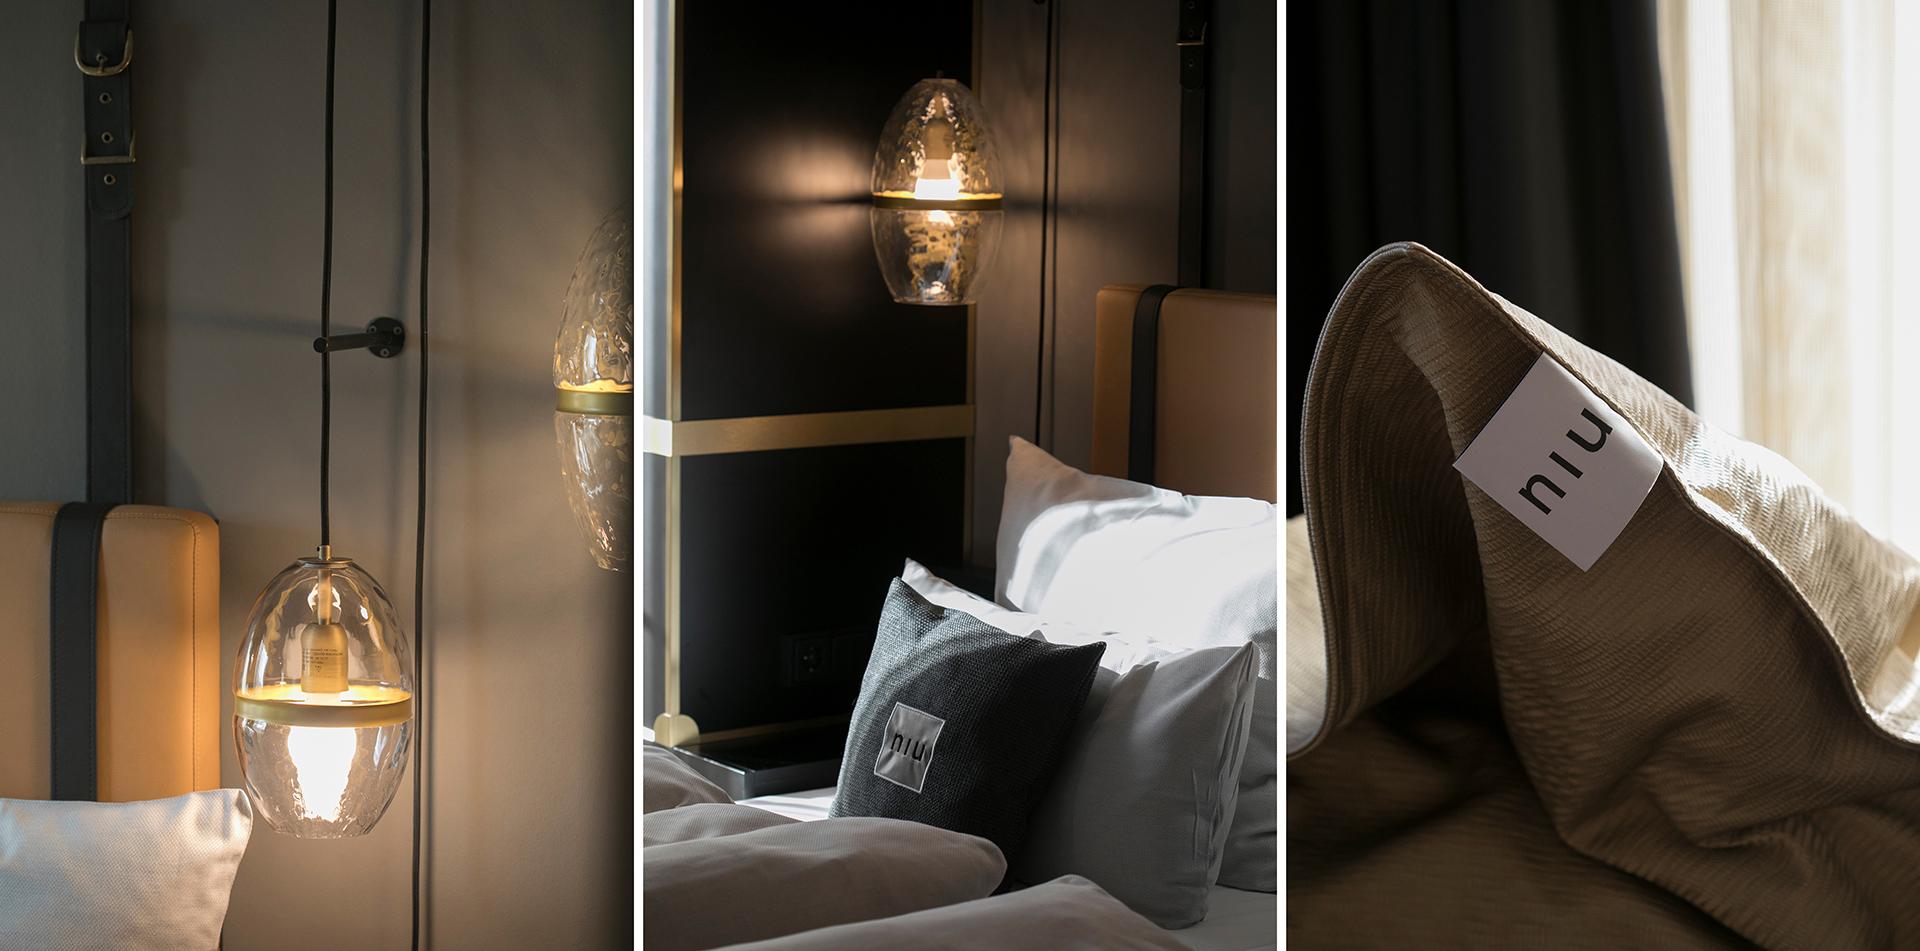 Details im Zimmer vom Hotel niu Cobbles by Novum. Entwurf von JOI-Design.